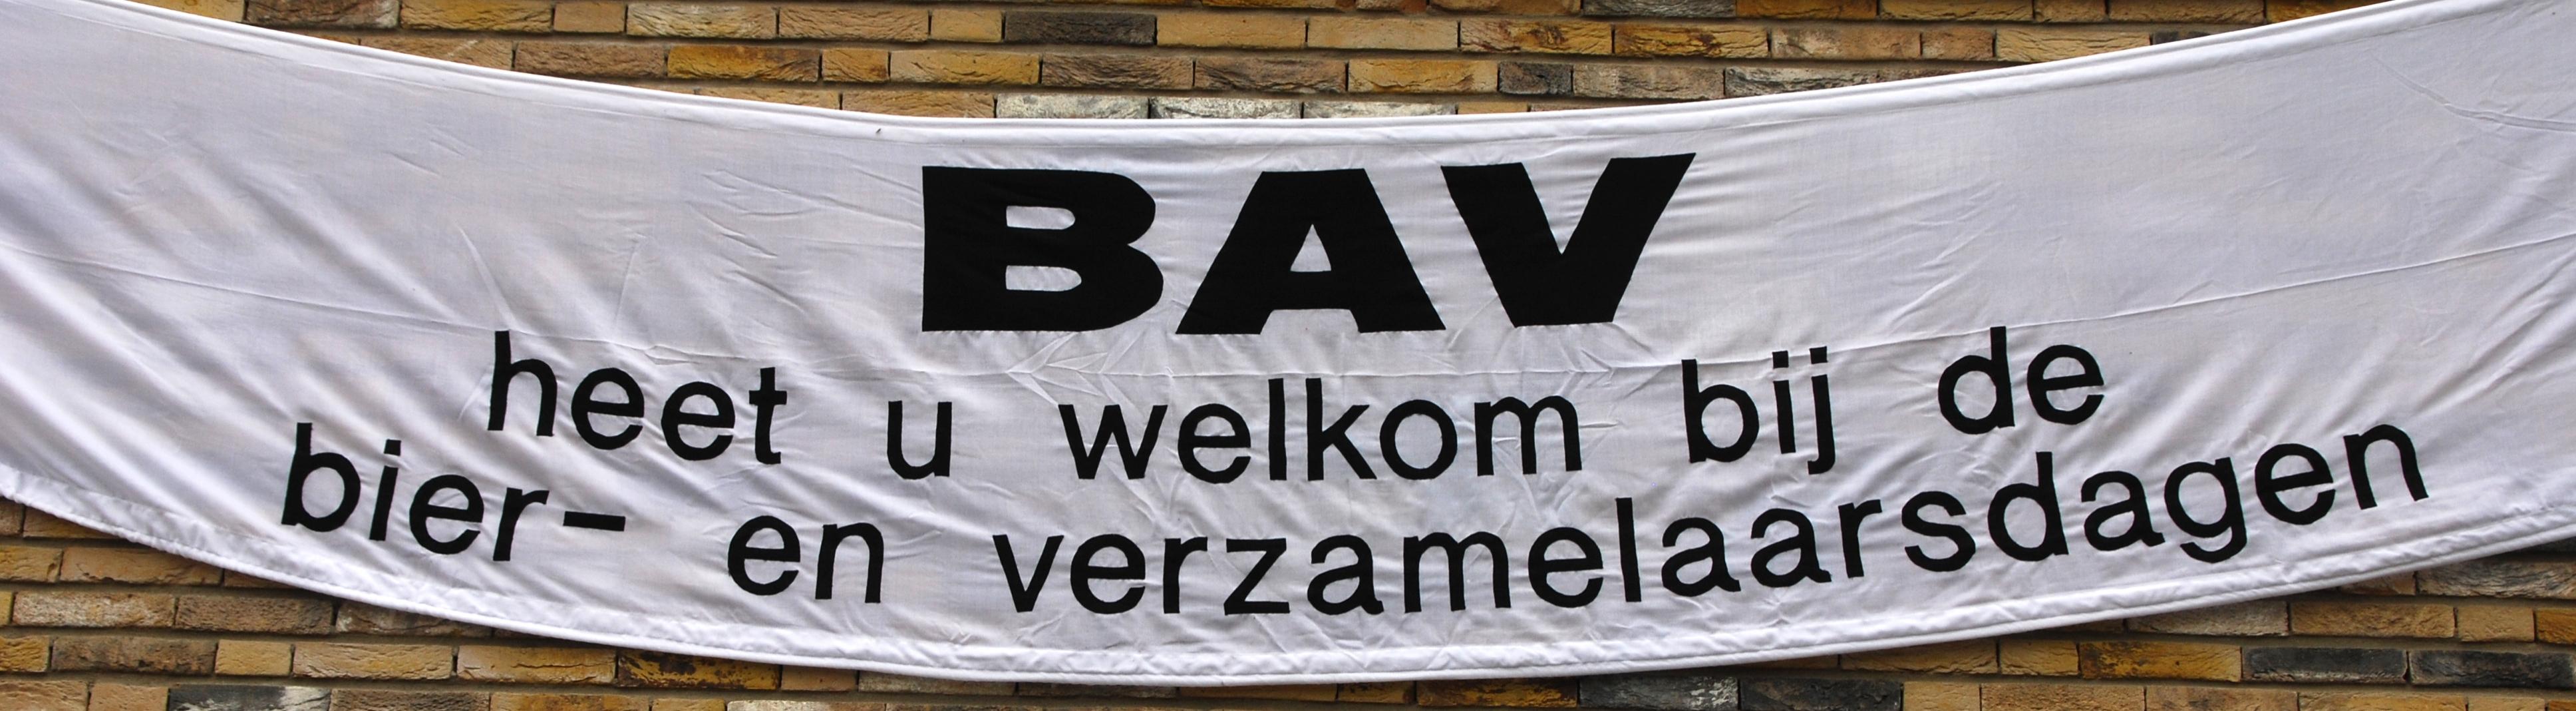 BAV banner